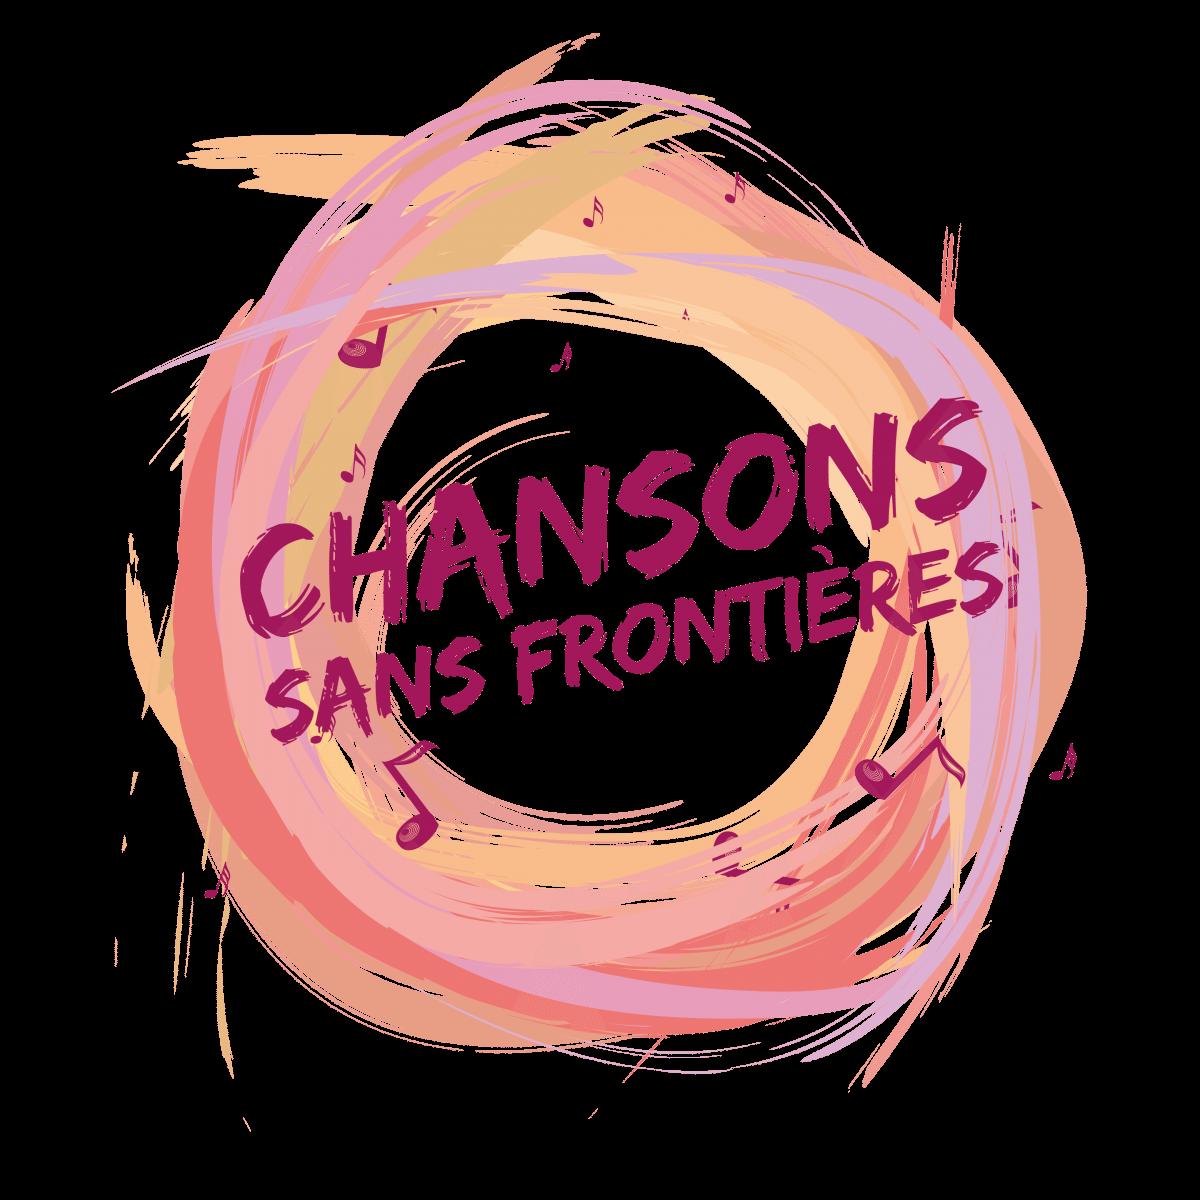 Chansons sans frontières - Concours d'écriture d'un texte de chanson en français